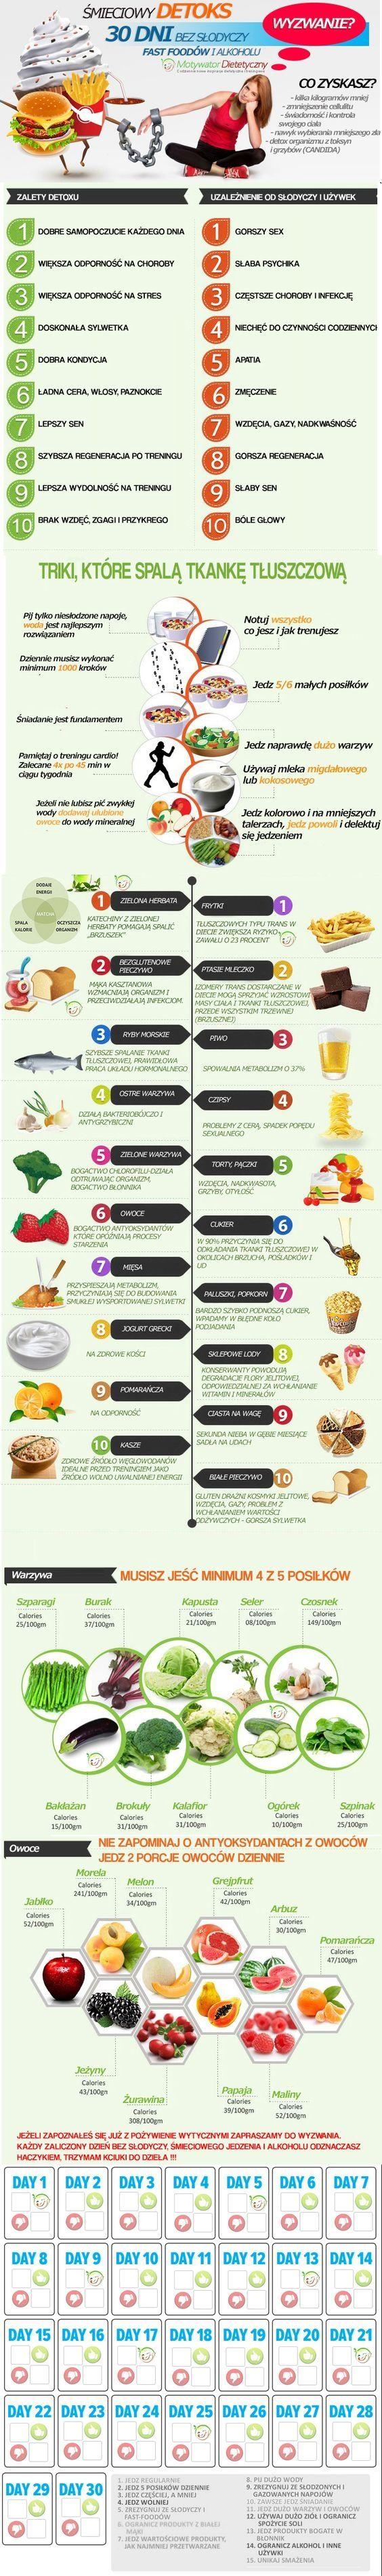 Zobacz zdjęcie detoks, zdrowie w pełnej rozdzielczości